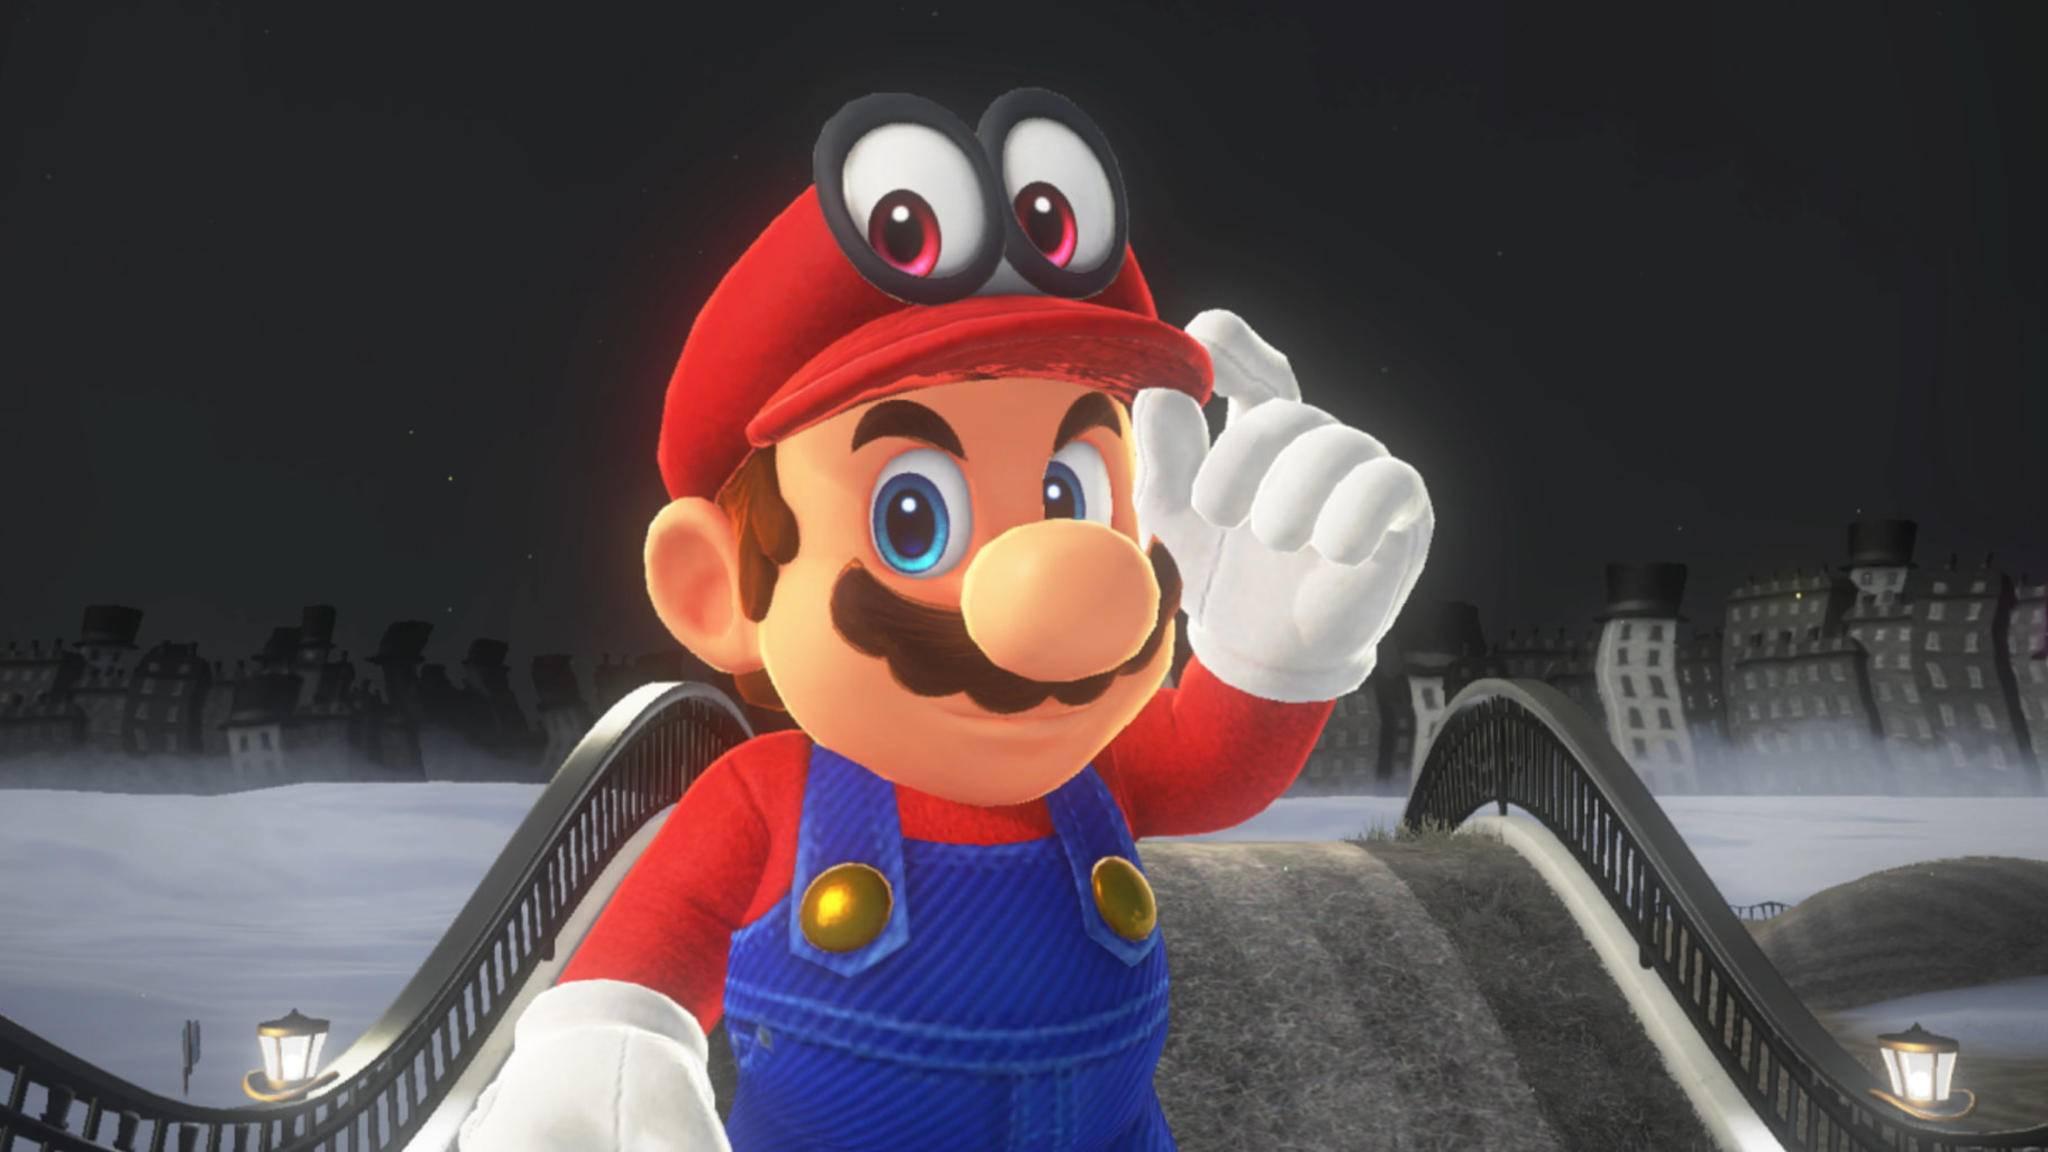 Womit stärkt sich Mario vor seinen Abenteuern eigentlich? Vielleicht mit seinen neuen Cornflakes?